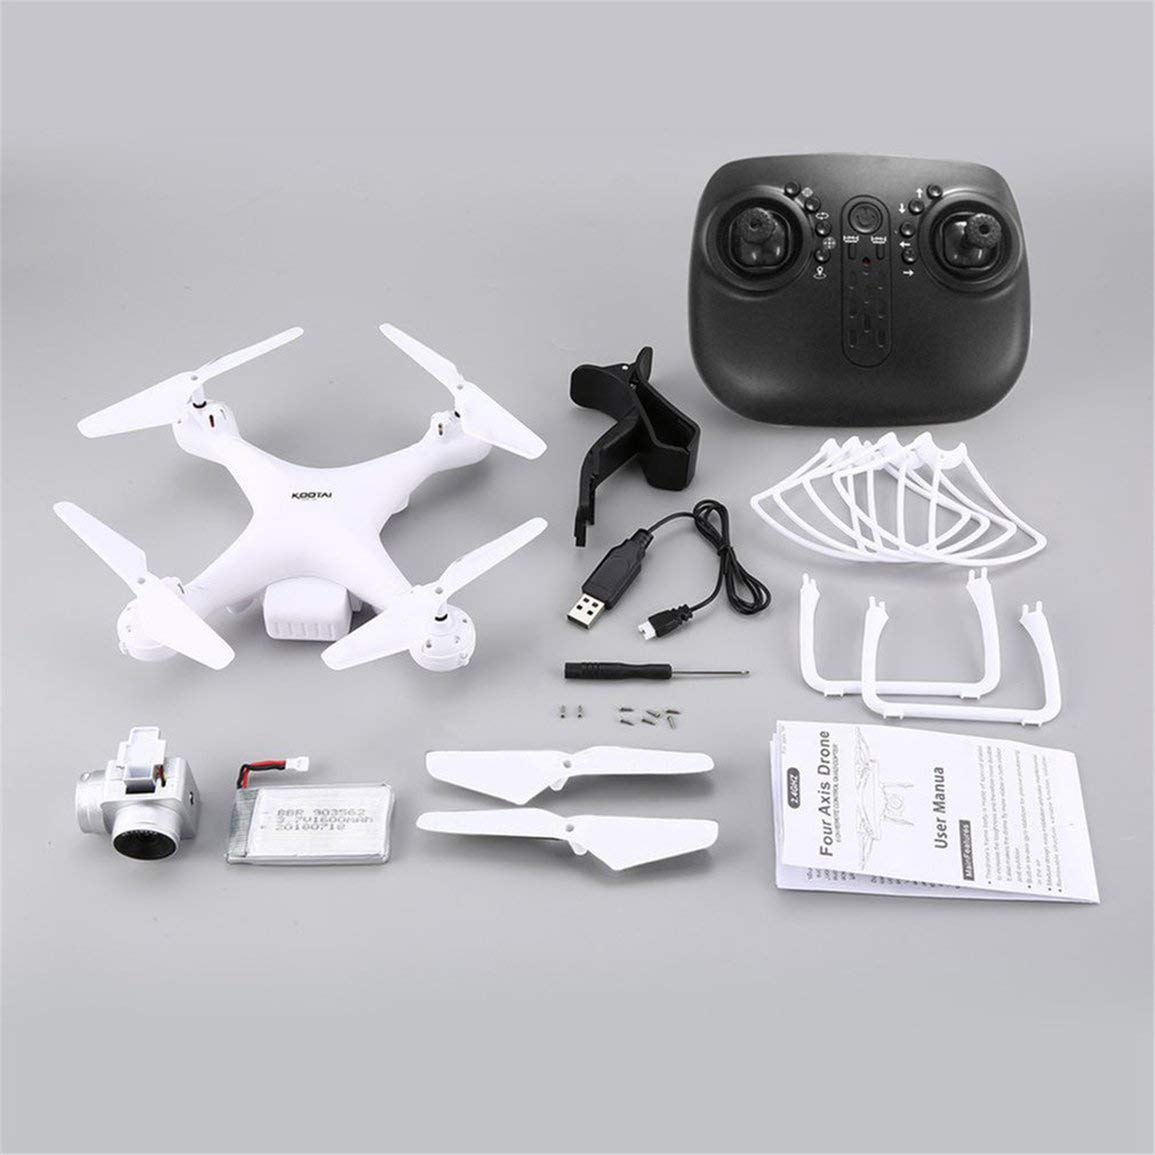 Fantasyworld UAV KOOTAI X180 2.4G FPV RC Quadcopter Drone con 720P HD Camera altitudine Tenere Headless modalità 3D-Flip 18mins Lungo Volo